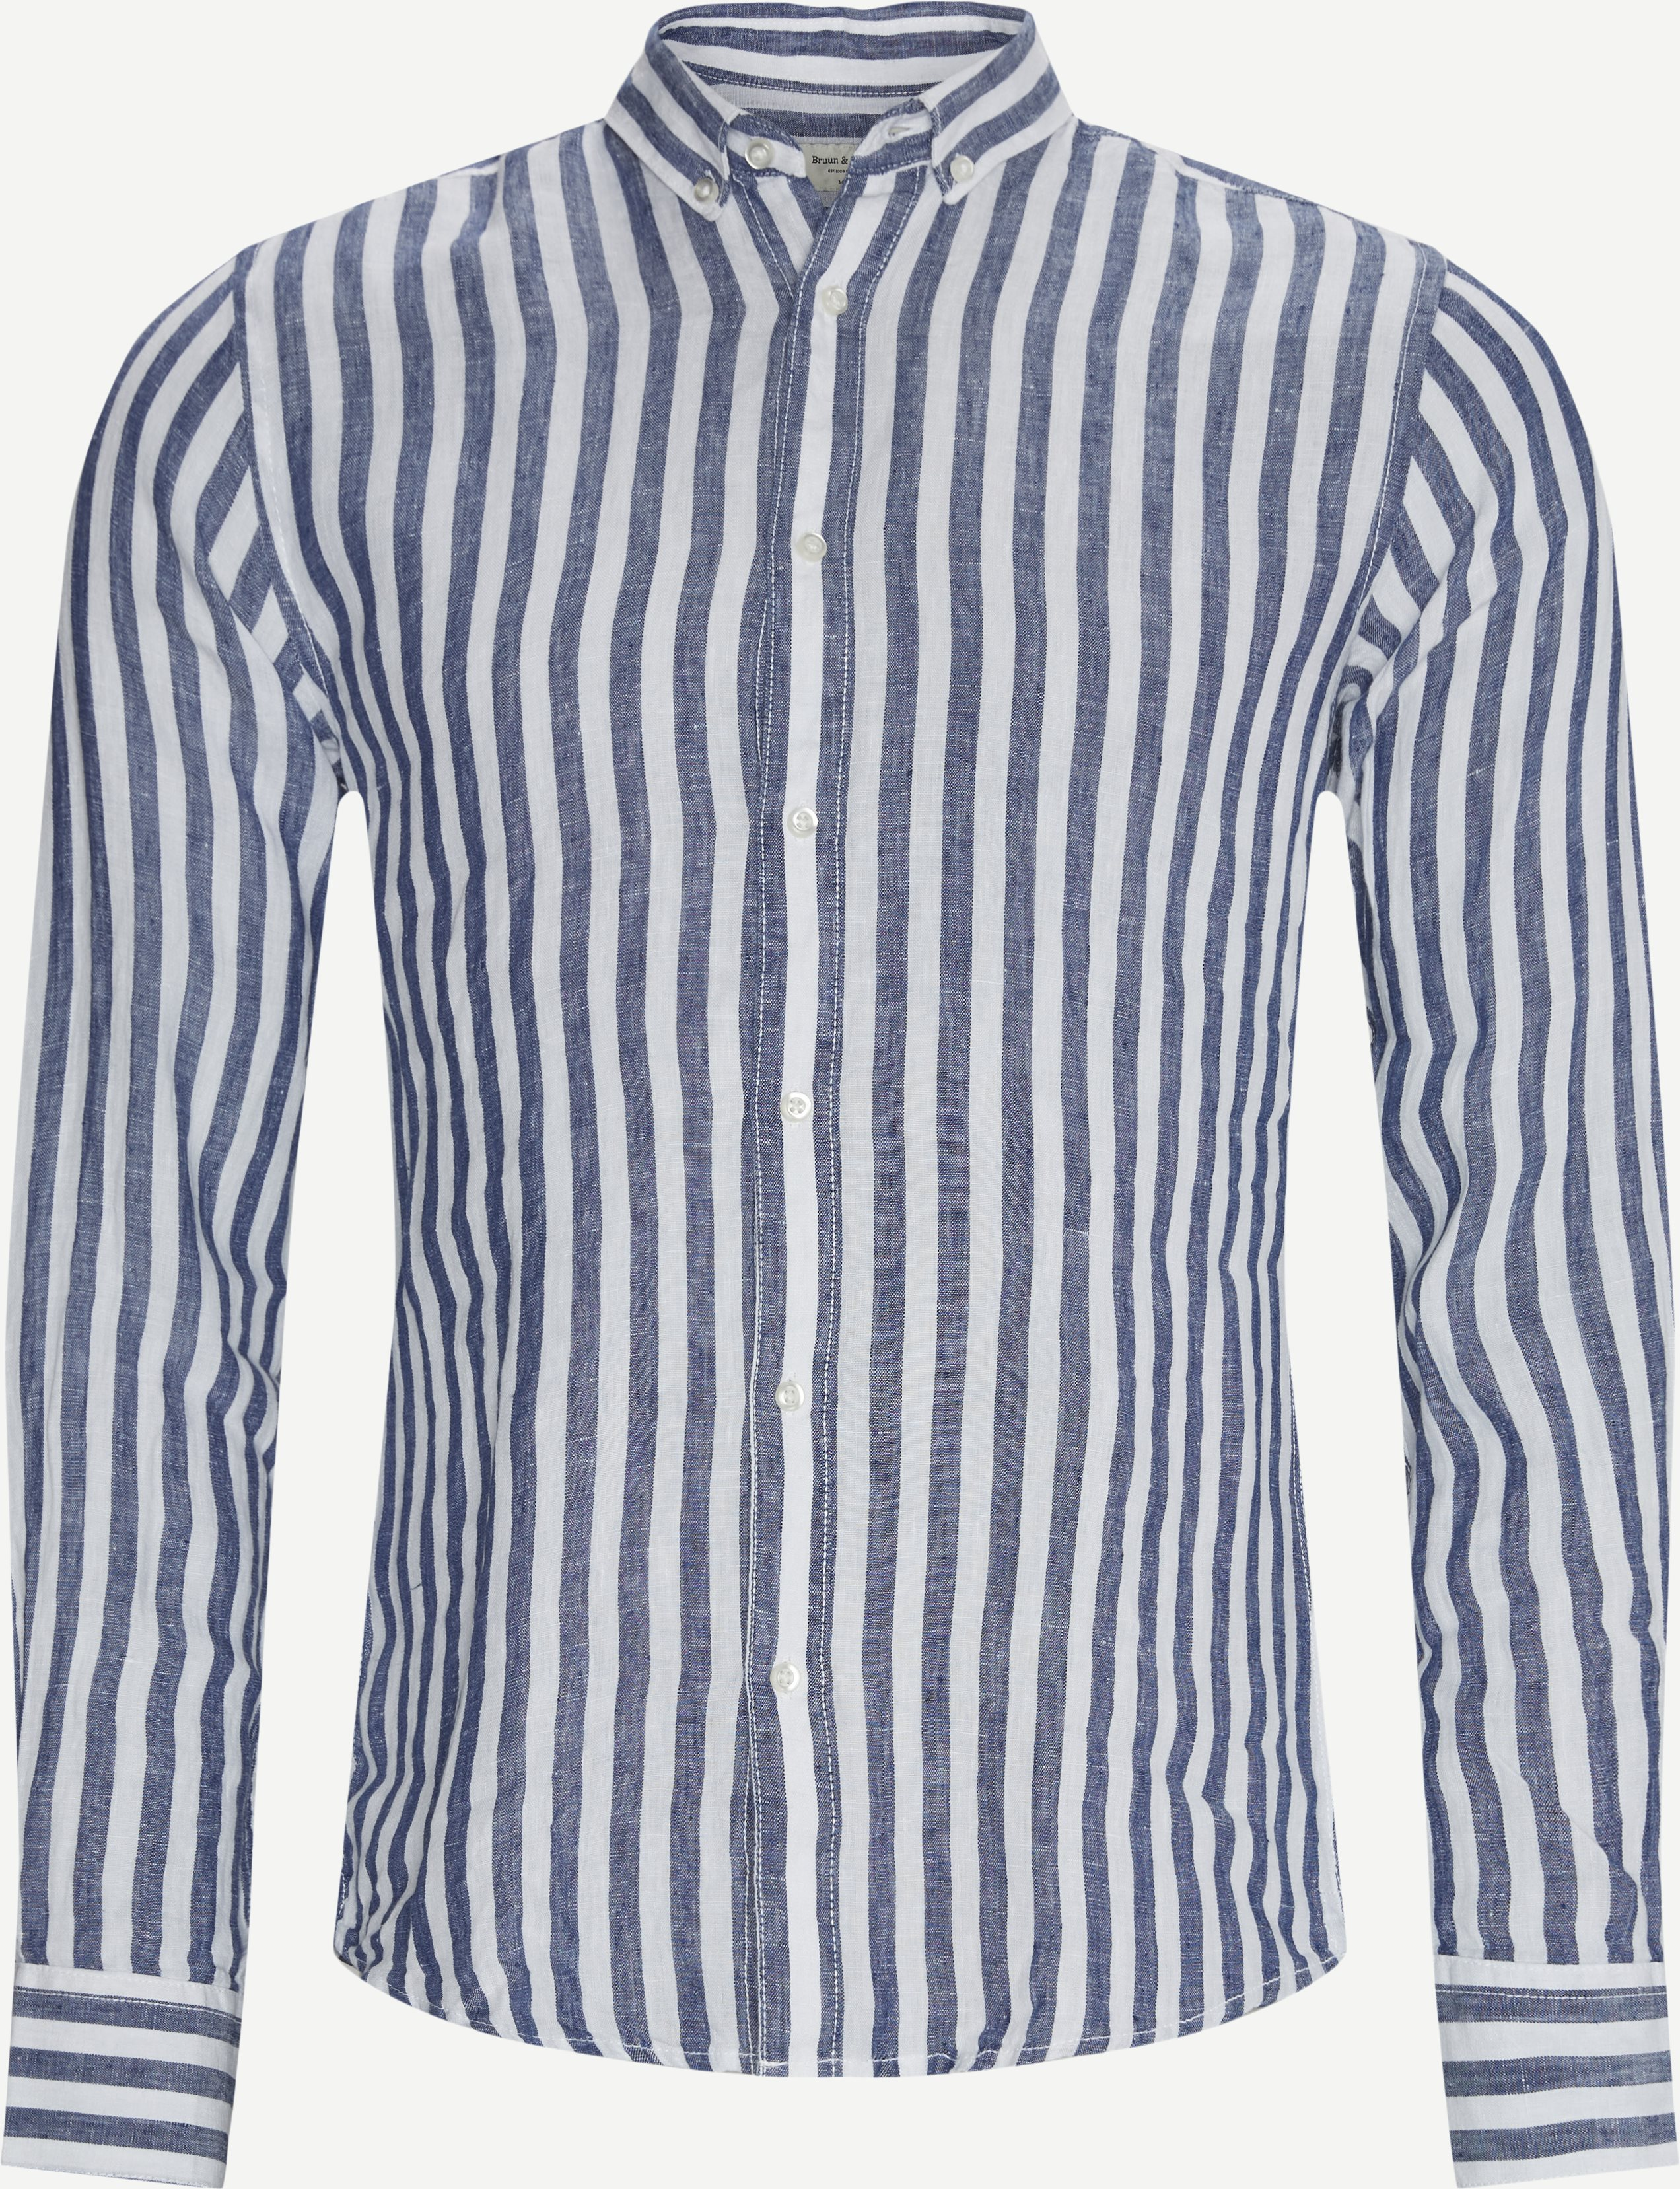 Kumamoto Skjorte - Skjorter - Slim fit - Blå